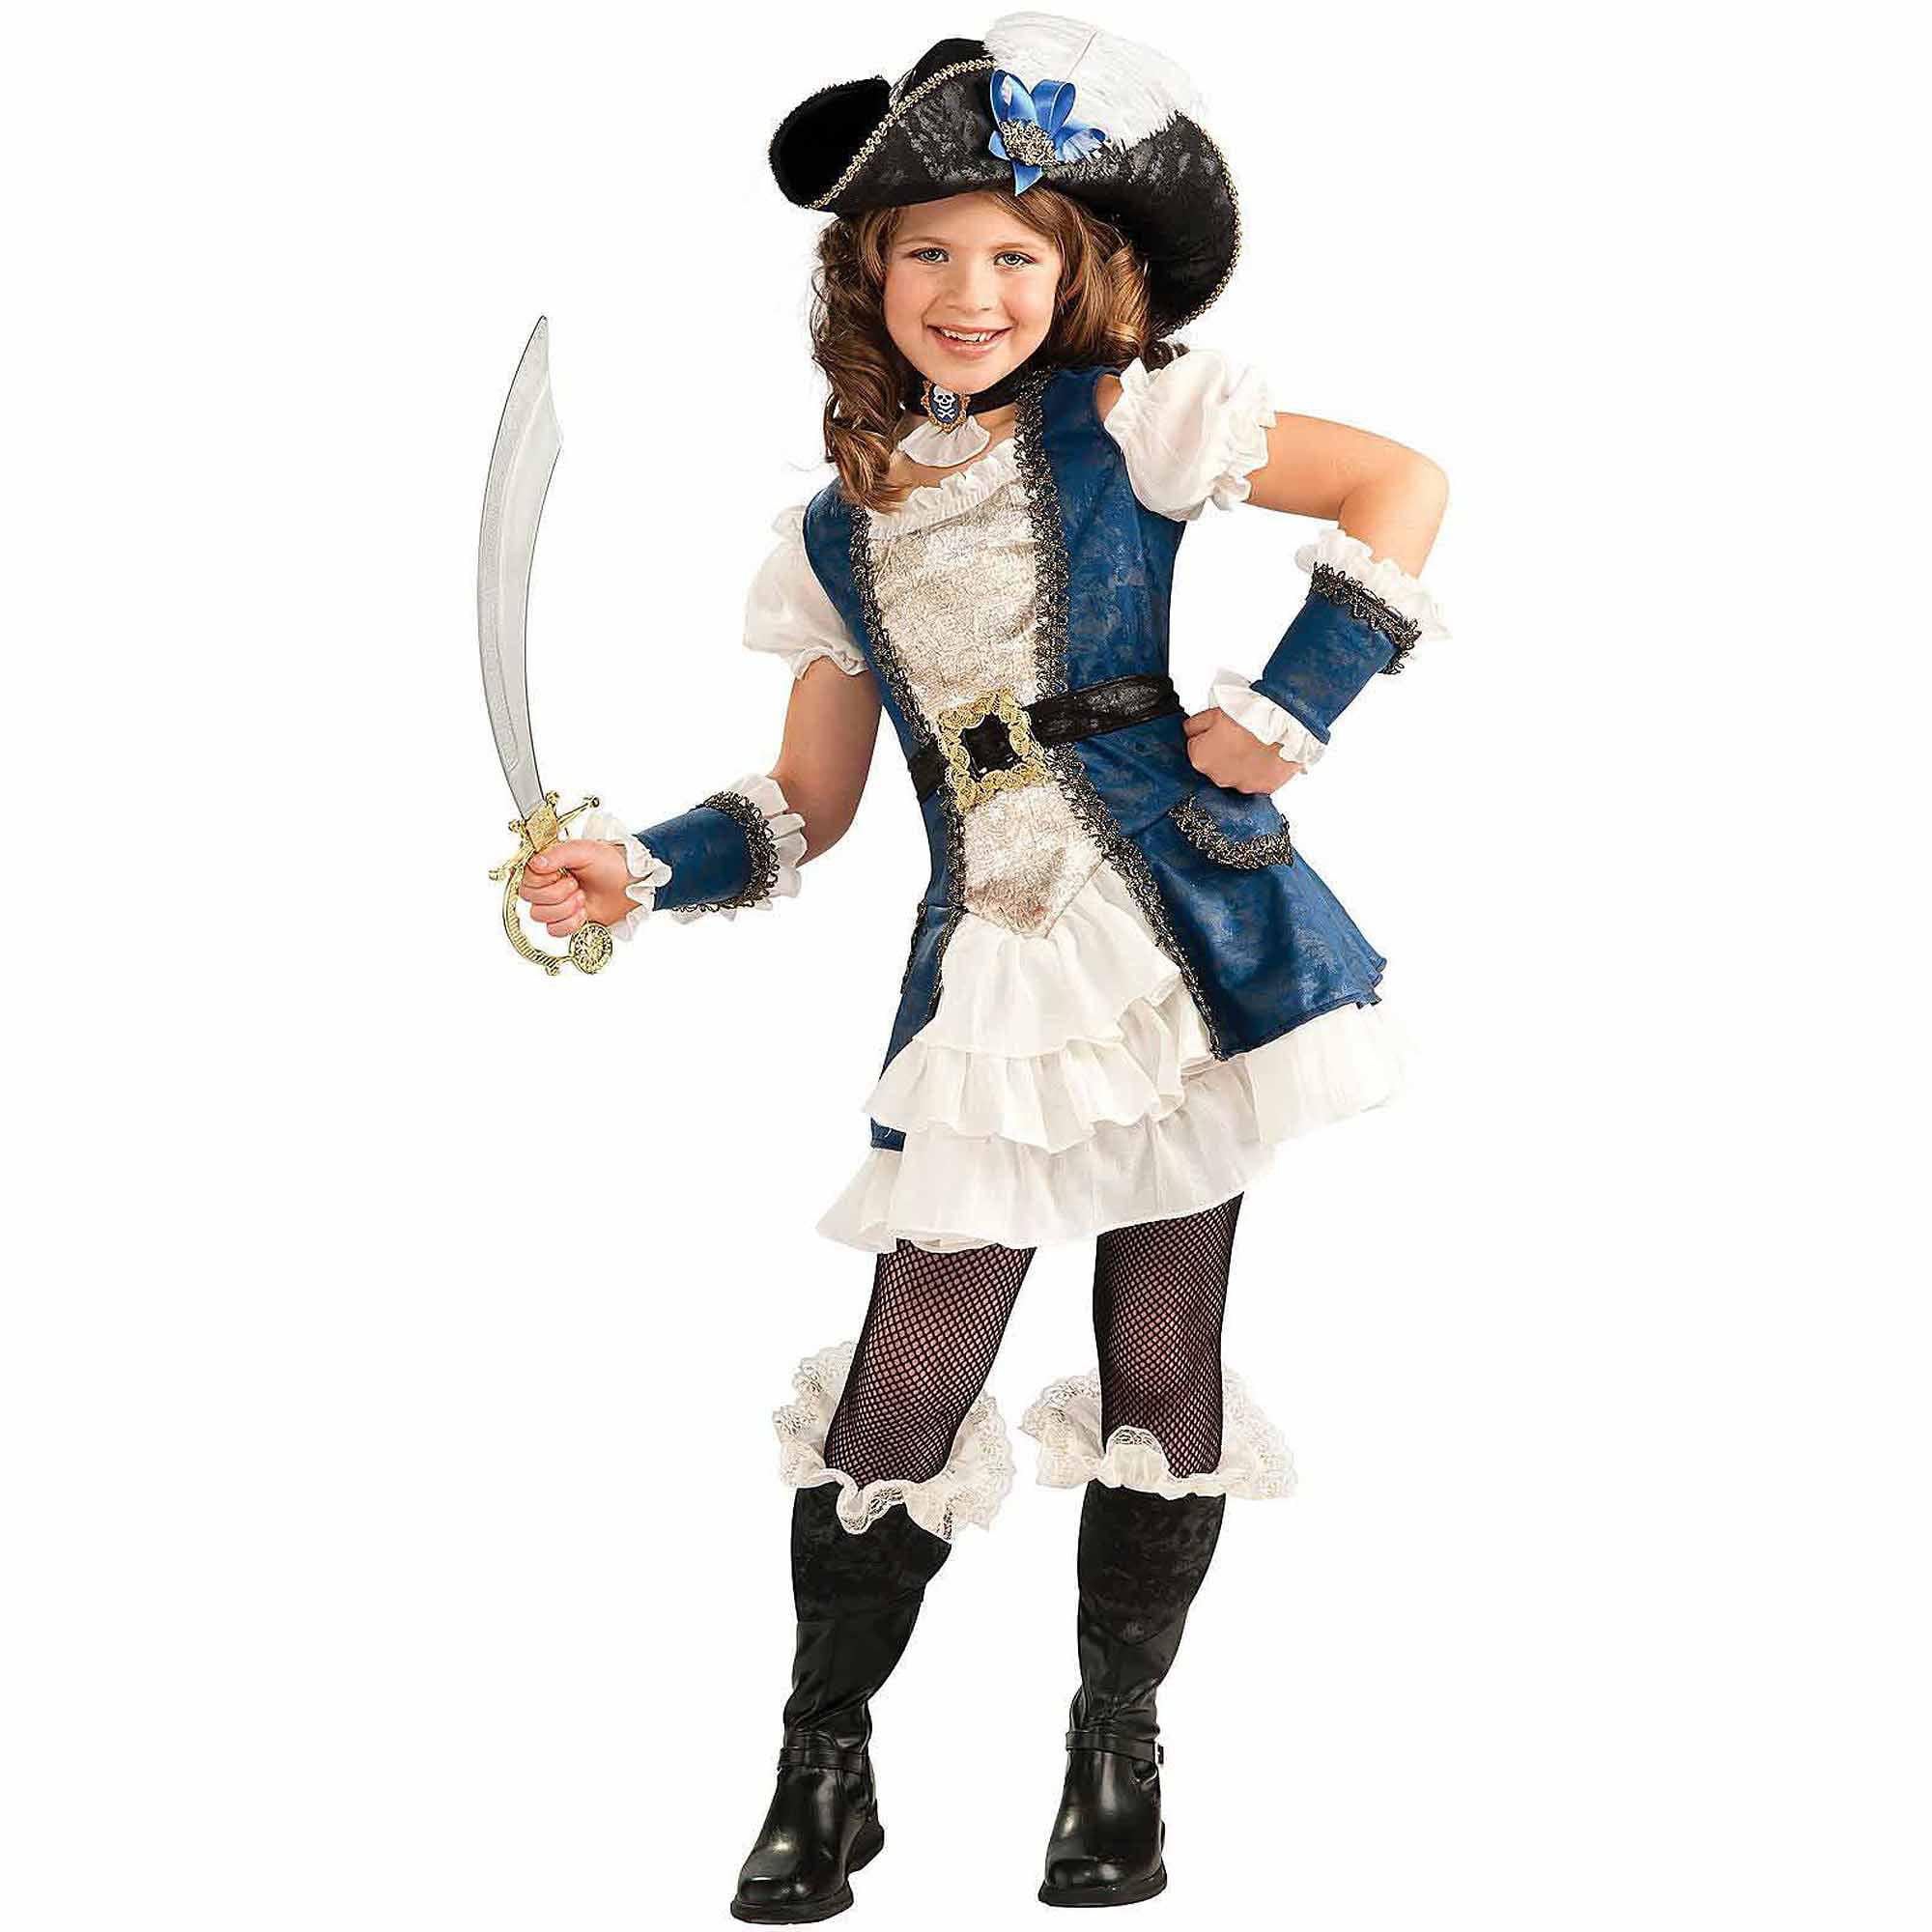 Posh Pirate Girls\' Child Halloween Costume - Walmart.com